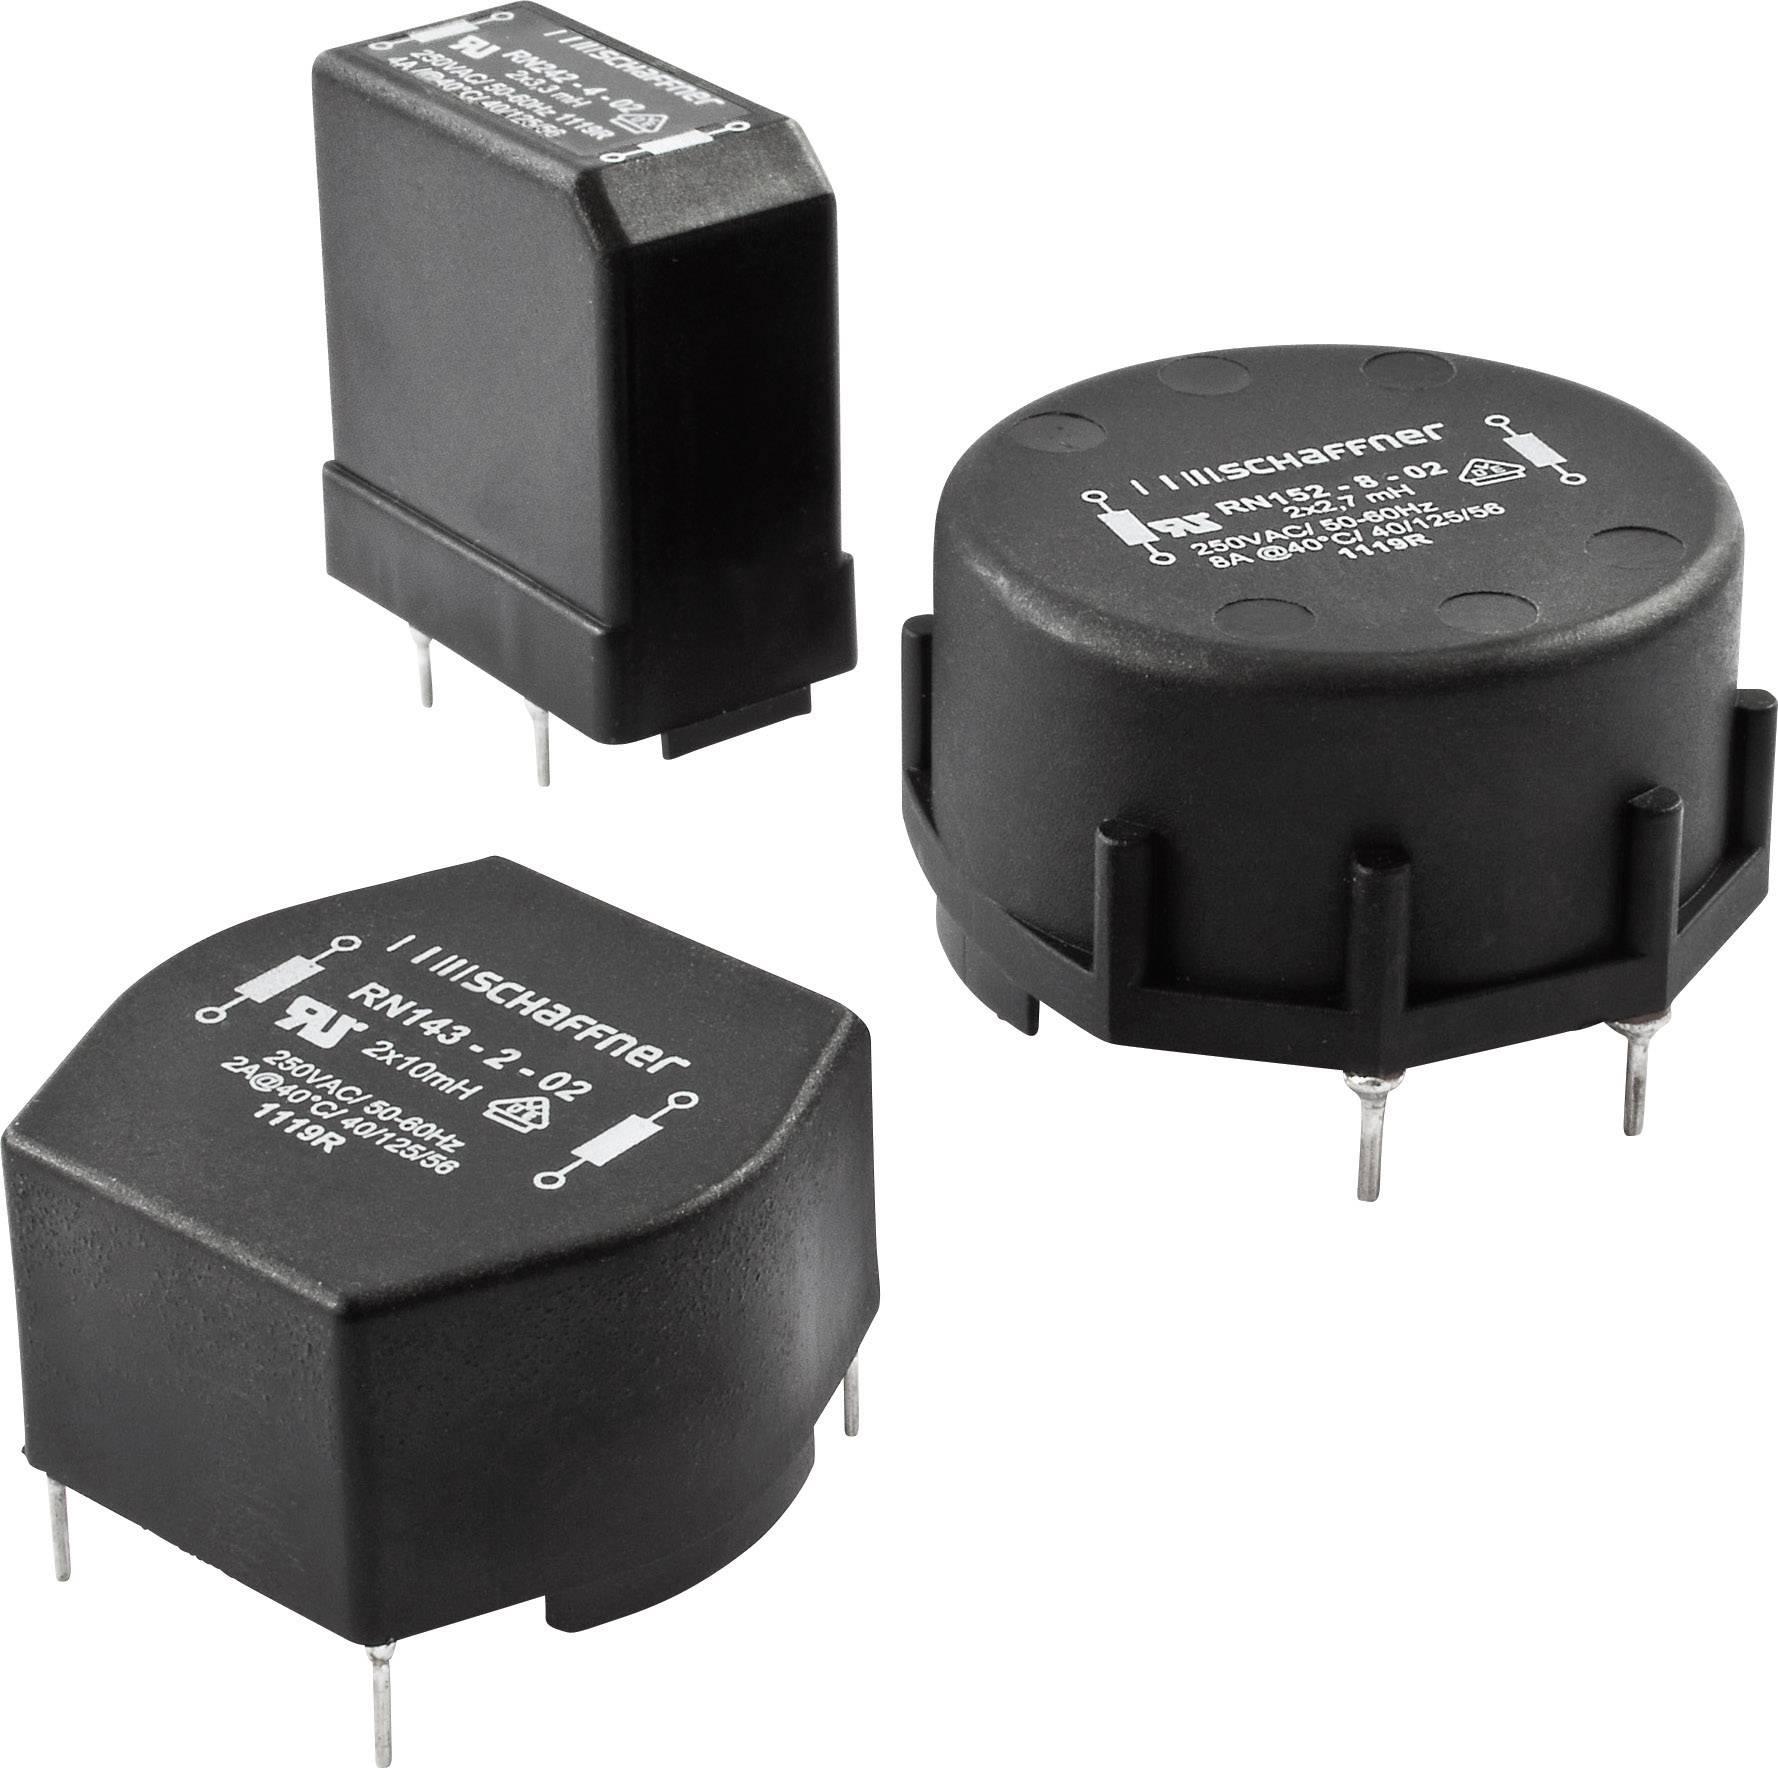 Odrušovací filter Schaffner RN152-1-02 RN152-1-02, 250 V/AC, 1 A, 68 mH, (d x š x v) 41.8 x 43 x 25 mm, 1 ks